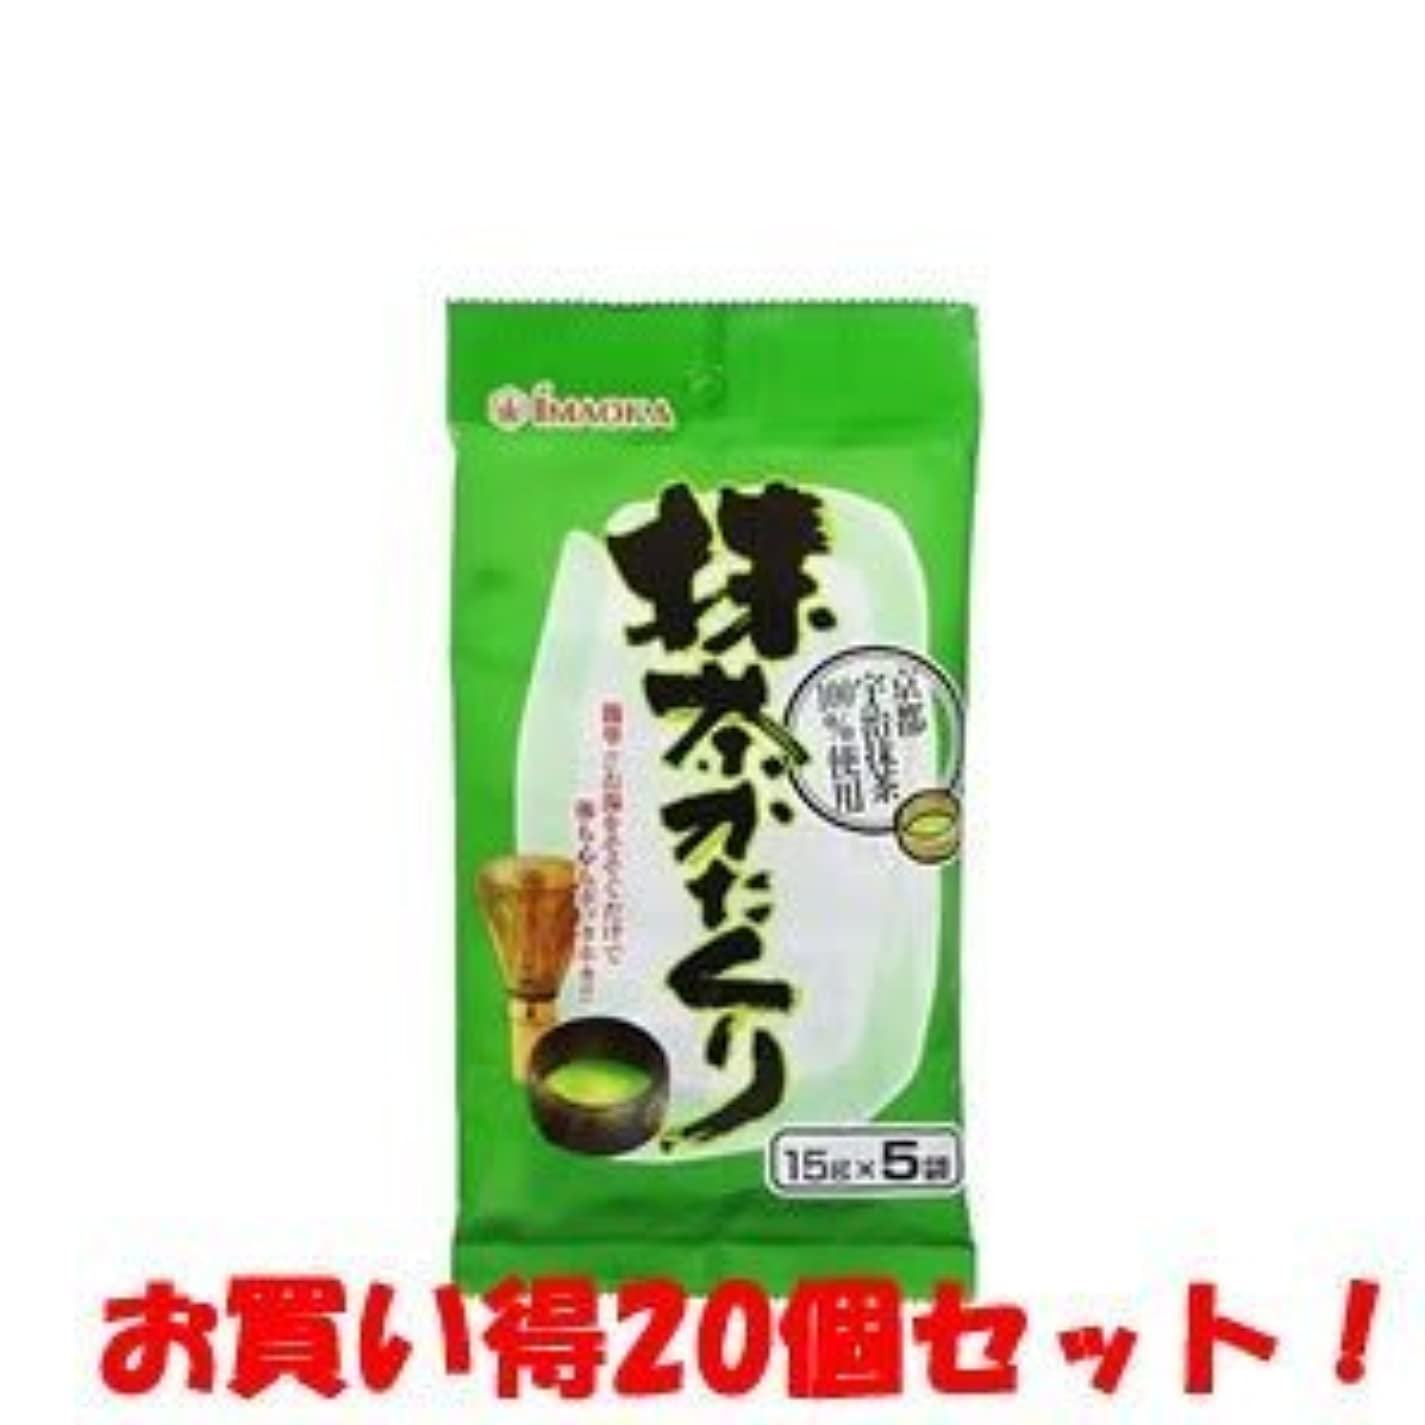 マークされた分析的月曜日(今岡製菓)抹茶かたくり 15g×5袋(お買い得20個セット)